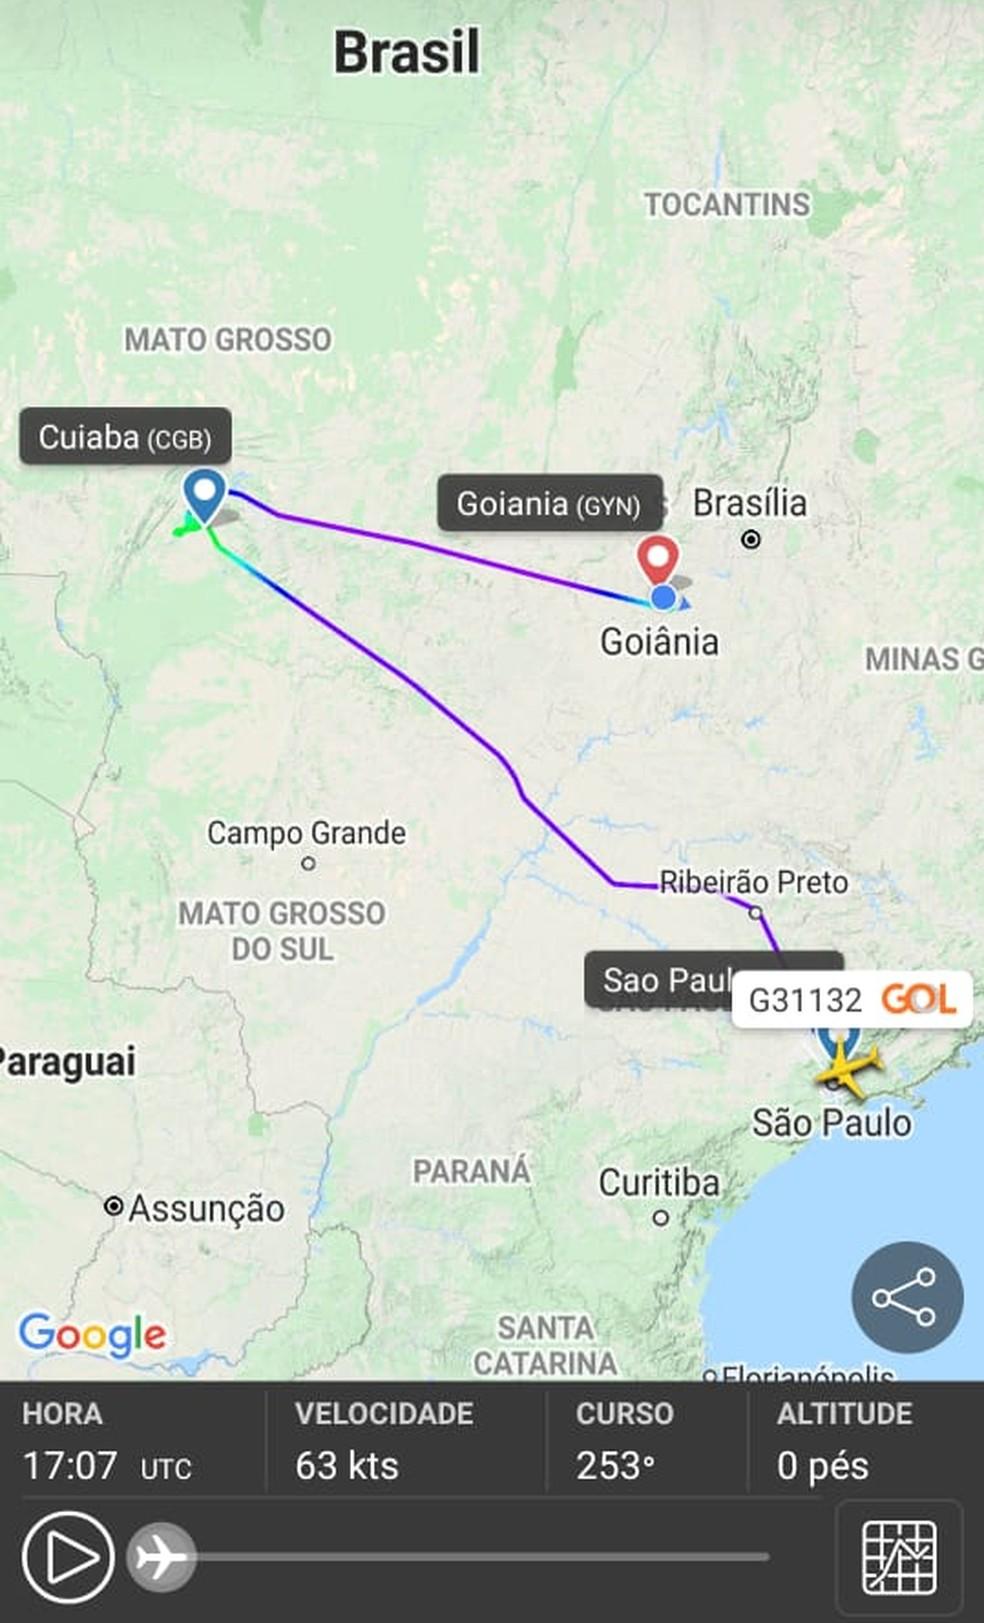 Mapa mostra trajeto feito pela aeronave — Foto: Arquivo pessoal